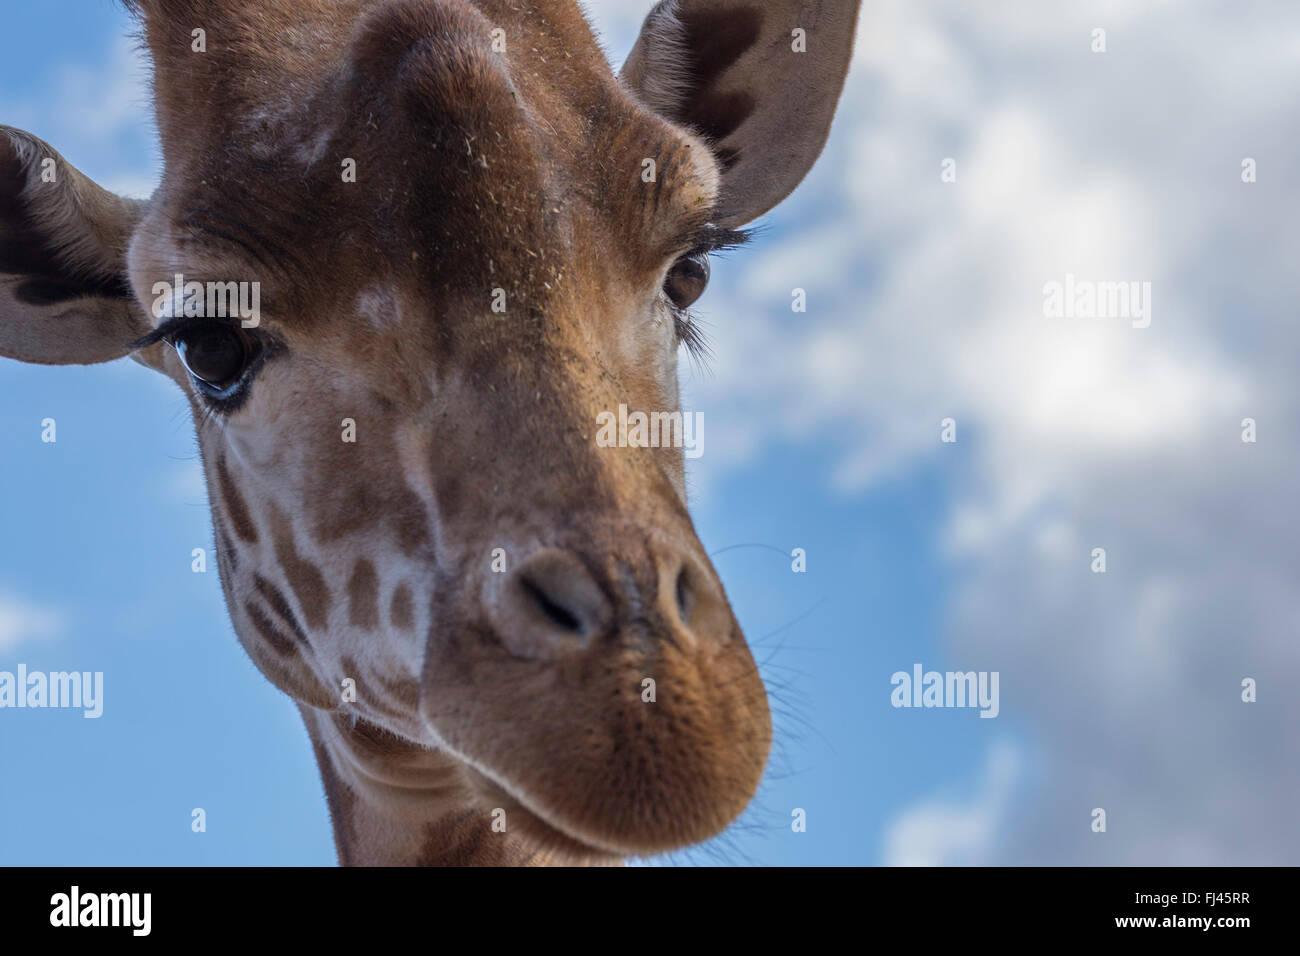 Eine schöne Giraffe aus nächster Nähe Stockbild